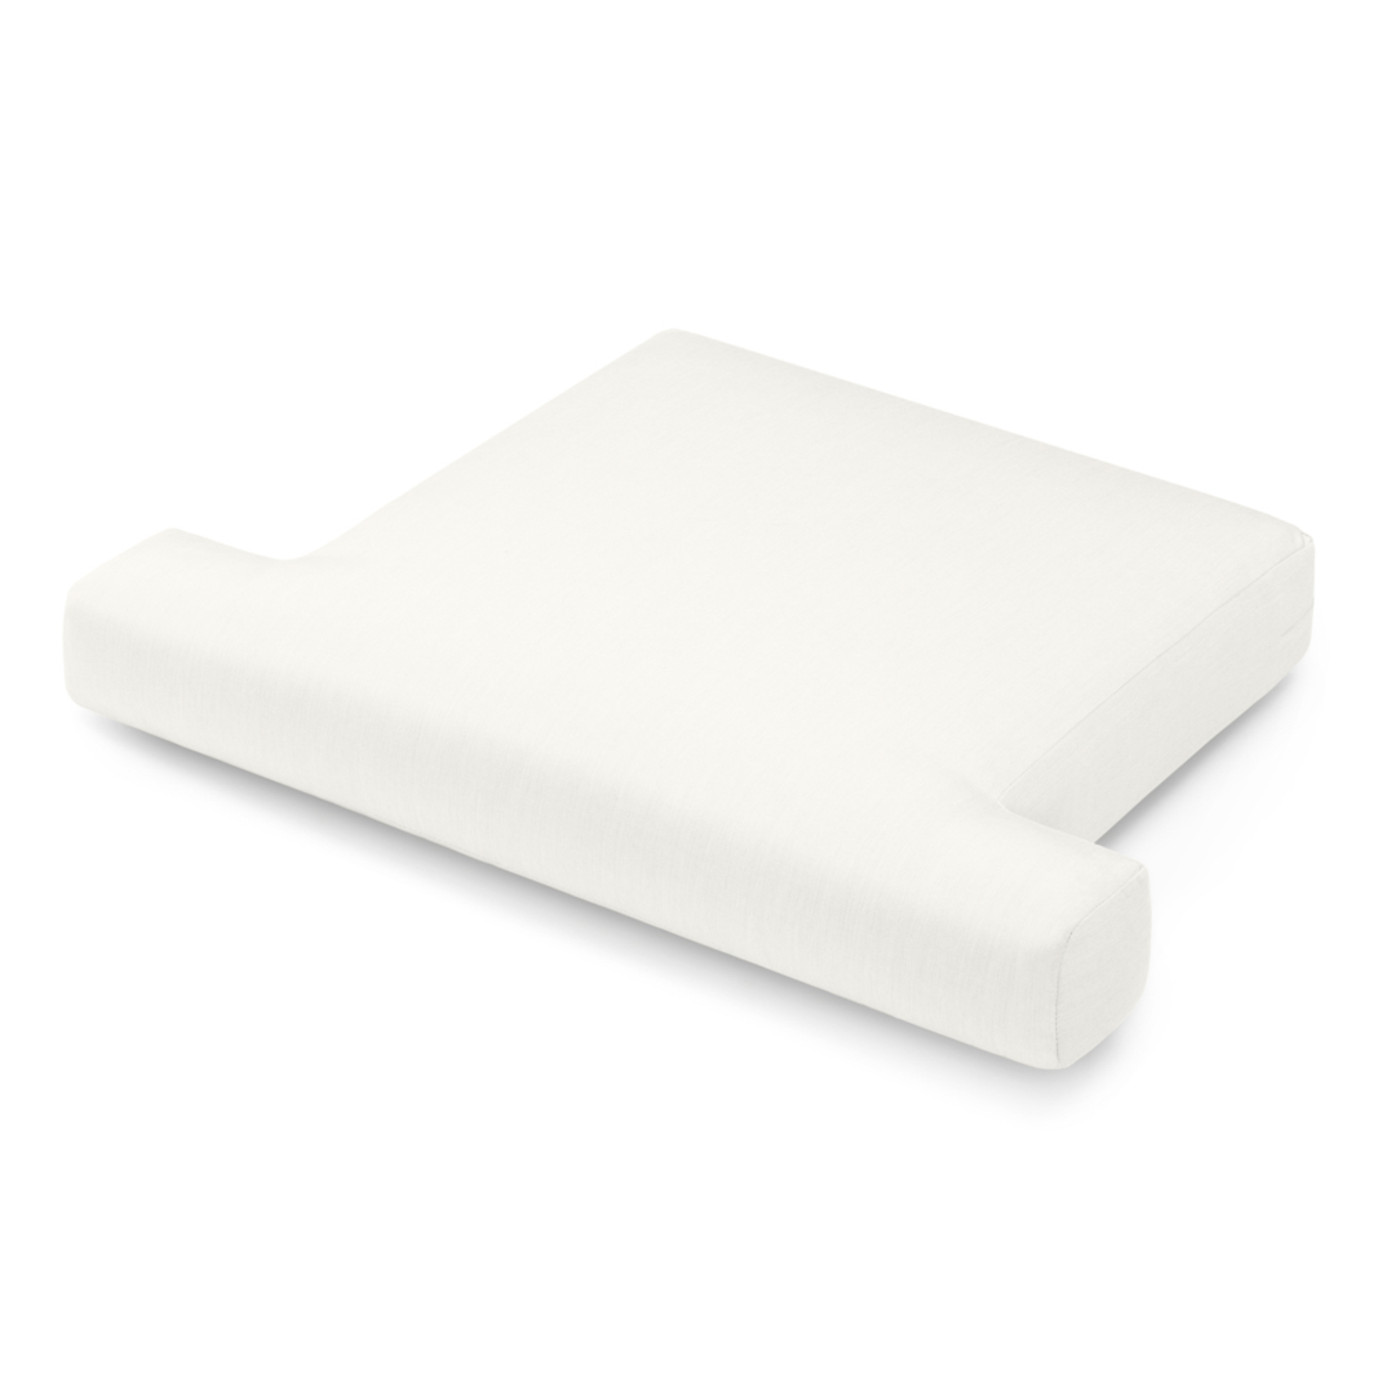 Vistano® Club Chair Base Cushion - Flax